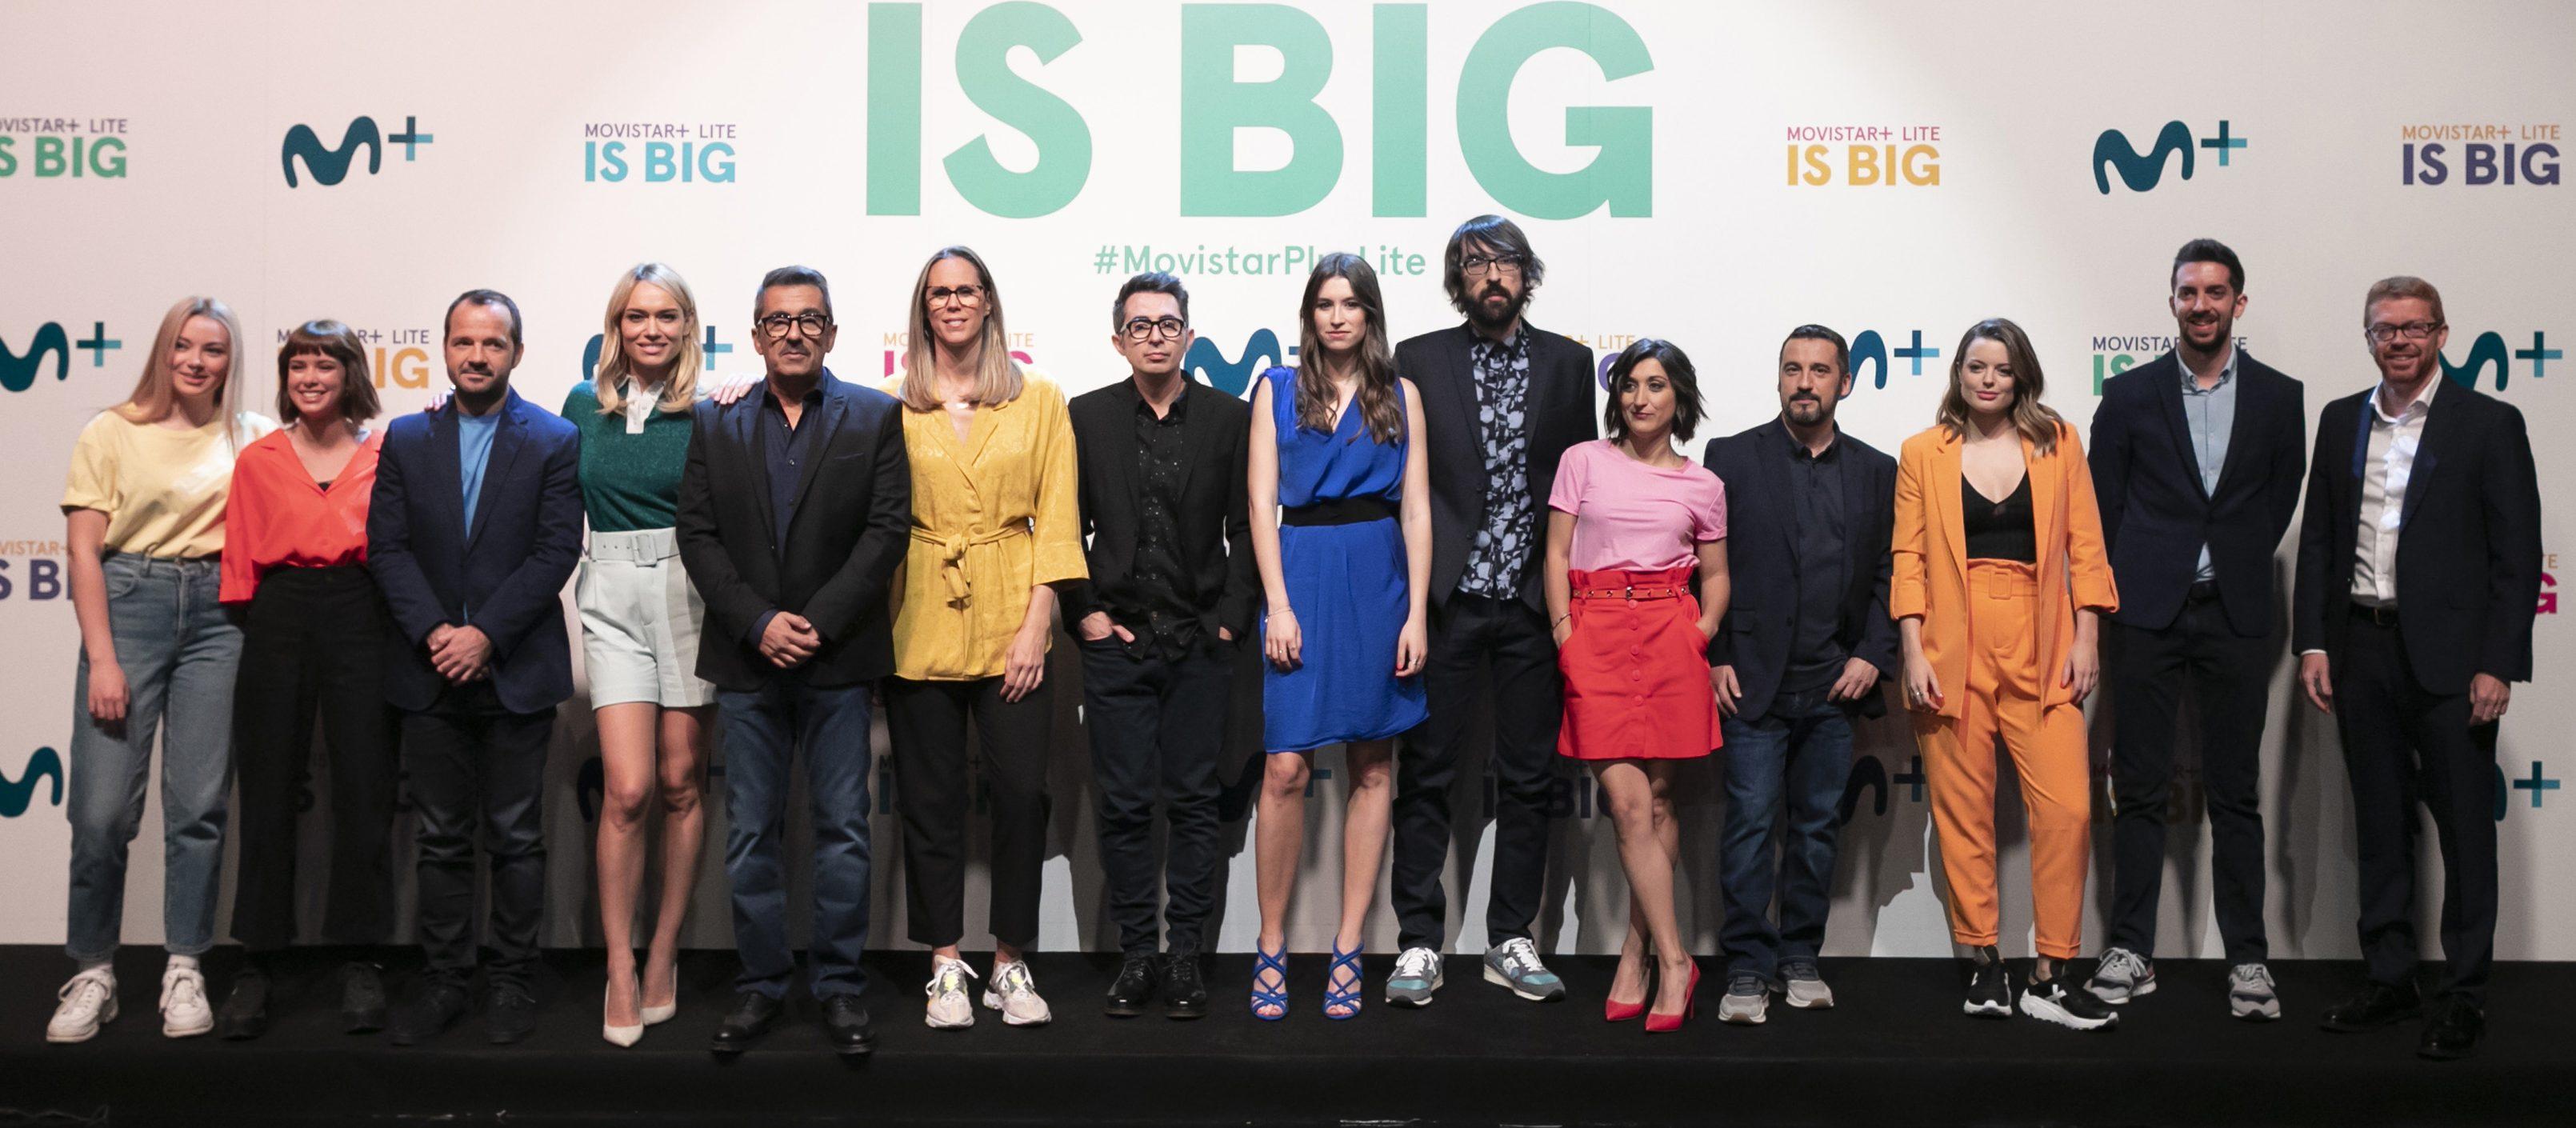 Movistar+ Lite: la televisión de Movistar+ para todos